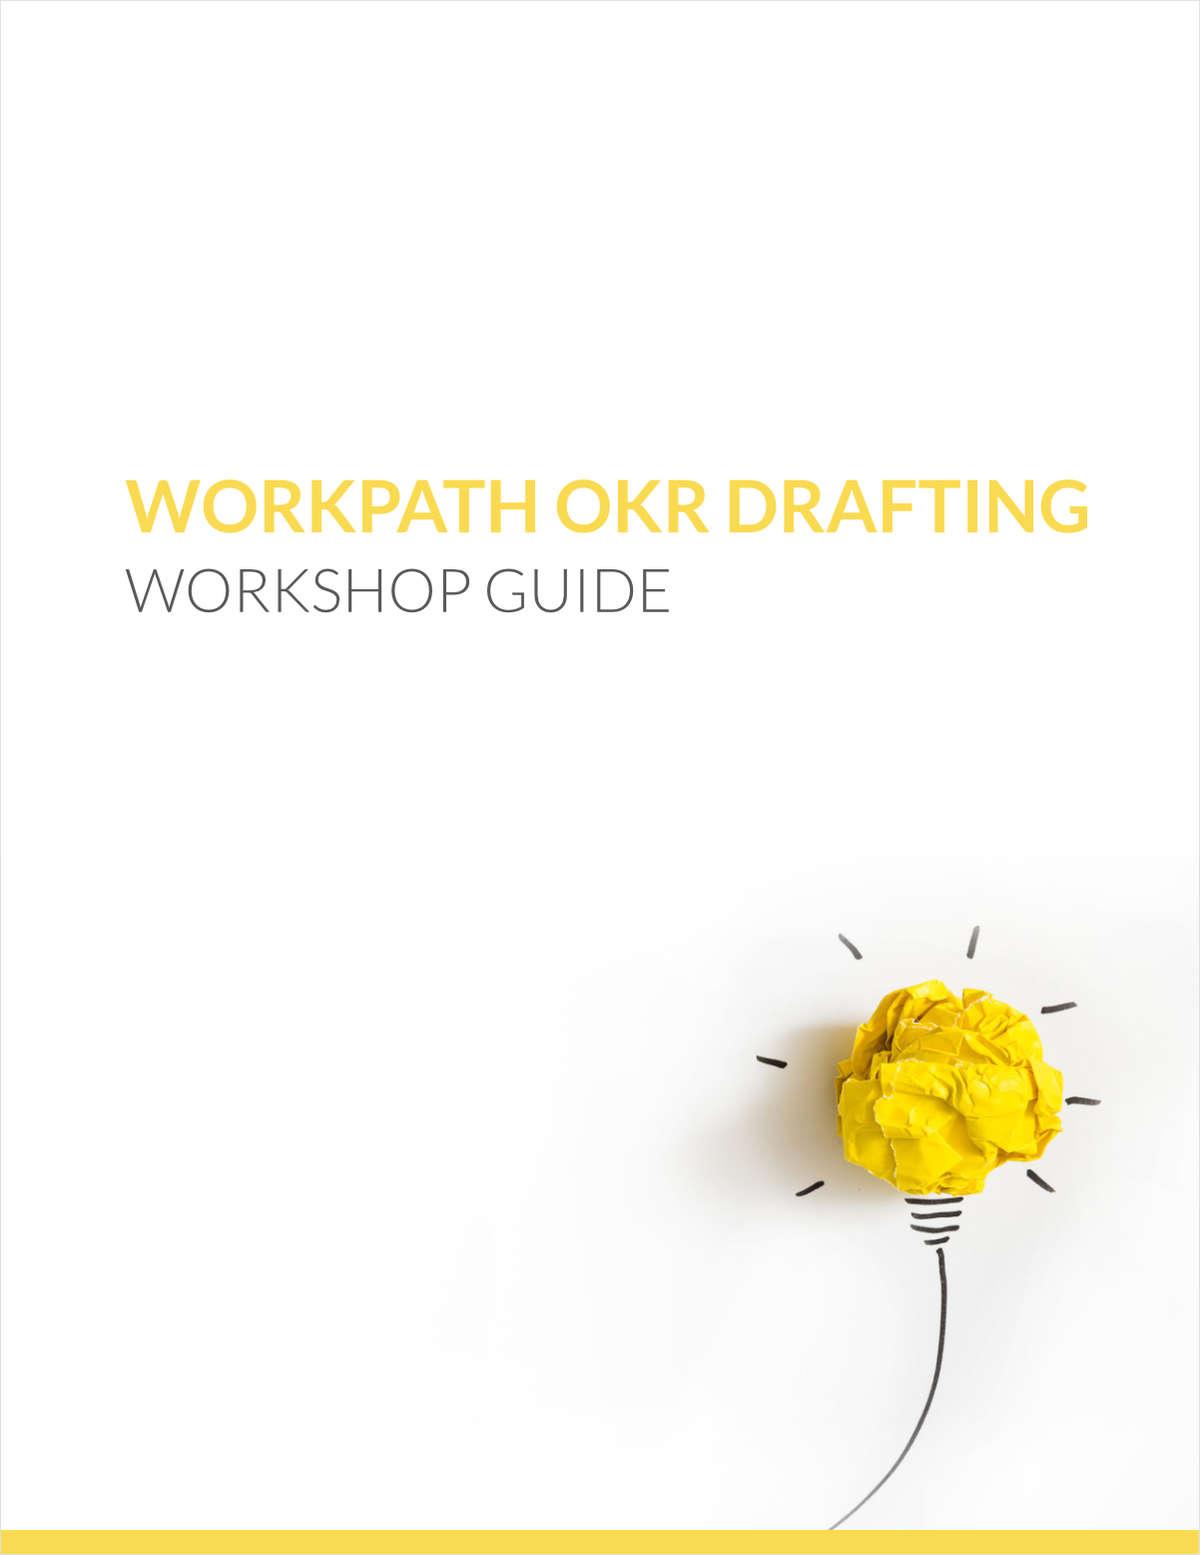 OKR Goal Setting Guide